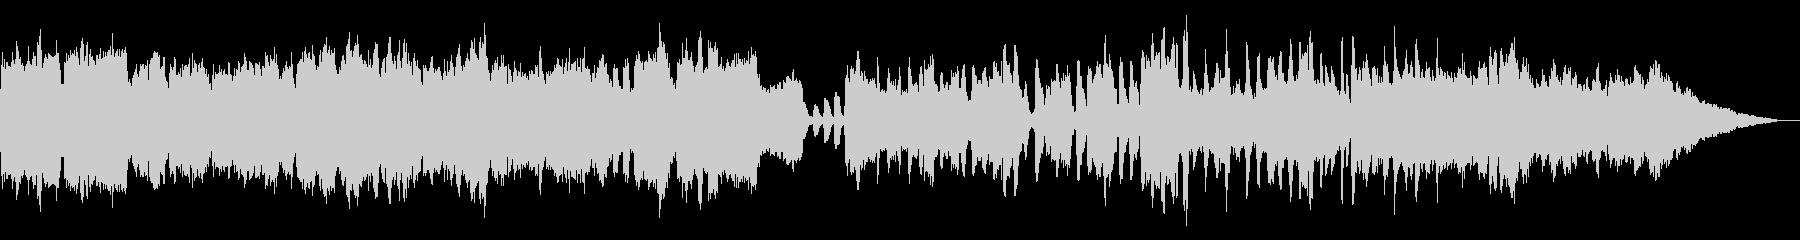 木管五重奏のさわやかBGMの未再生の波形